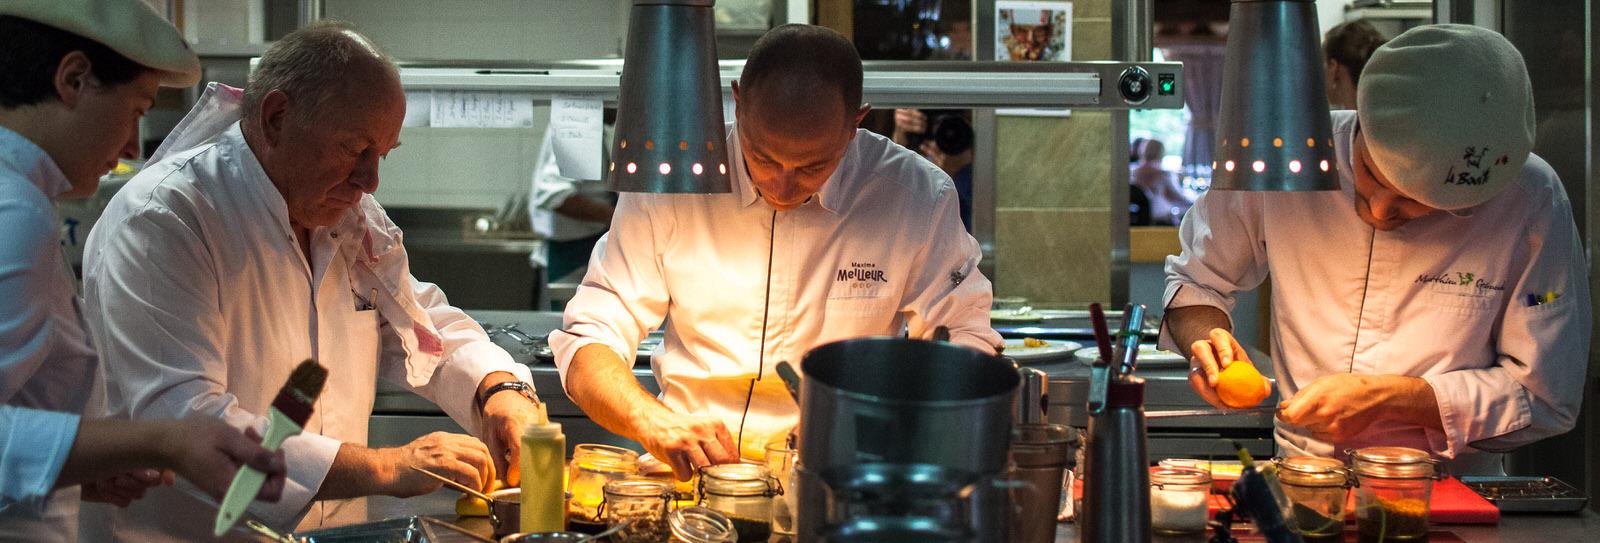 La Bouitte Restaurant René Maxime Meilleur En cuisine-5